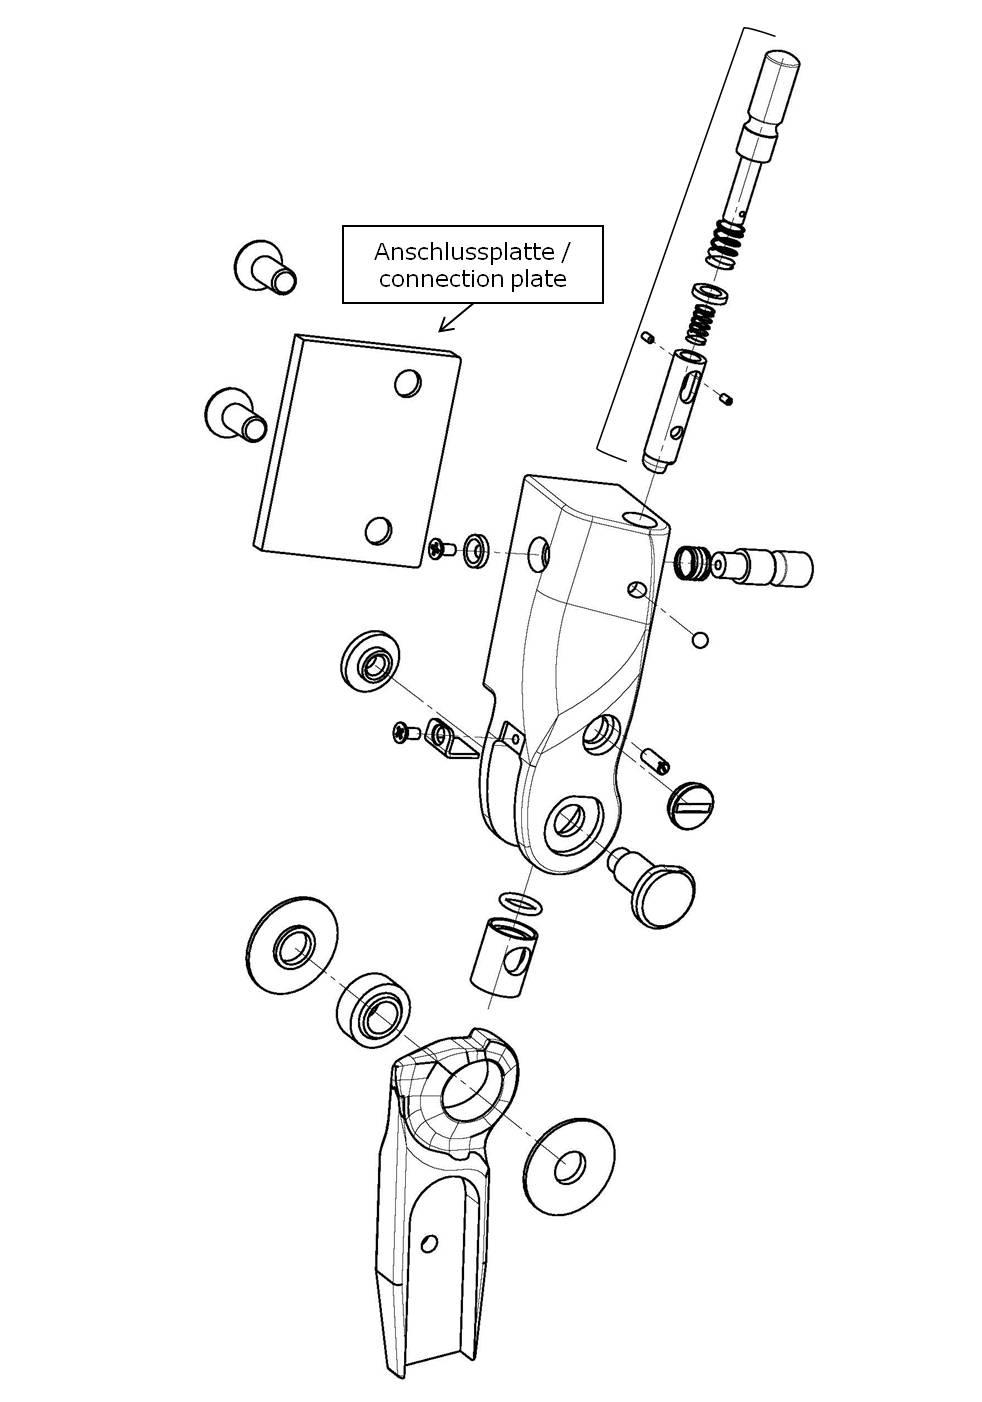 Anschlussplatte für das Salera preselect 3-D Hüftgelenk